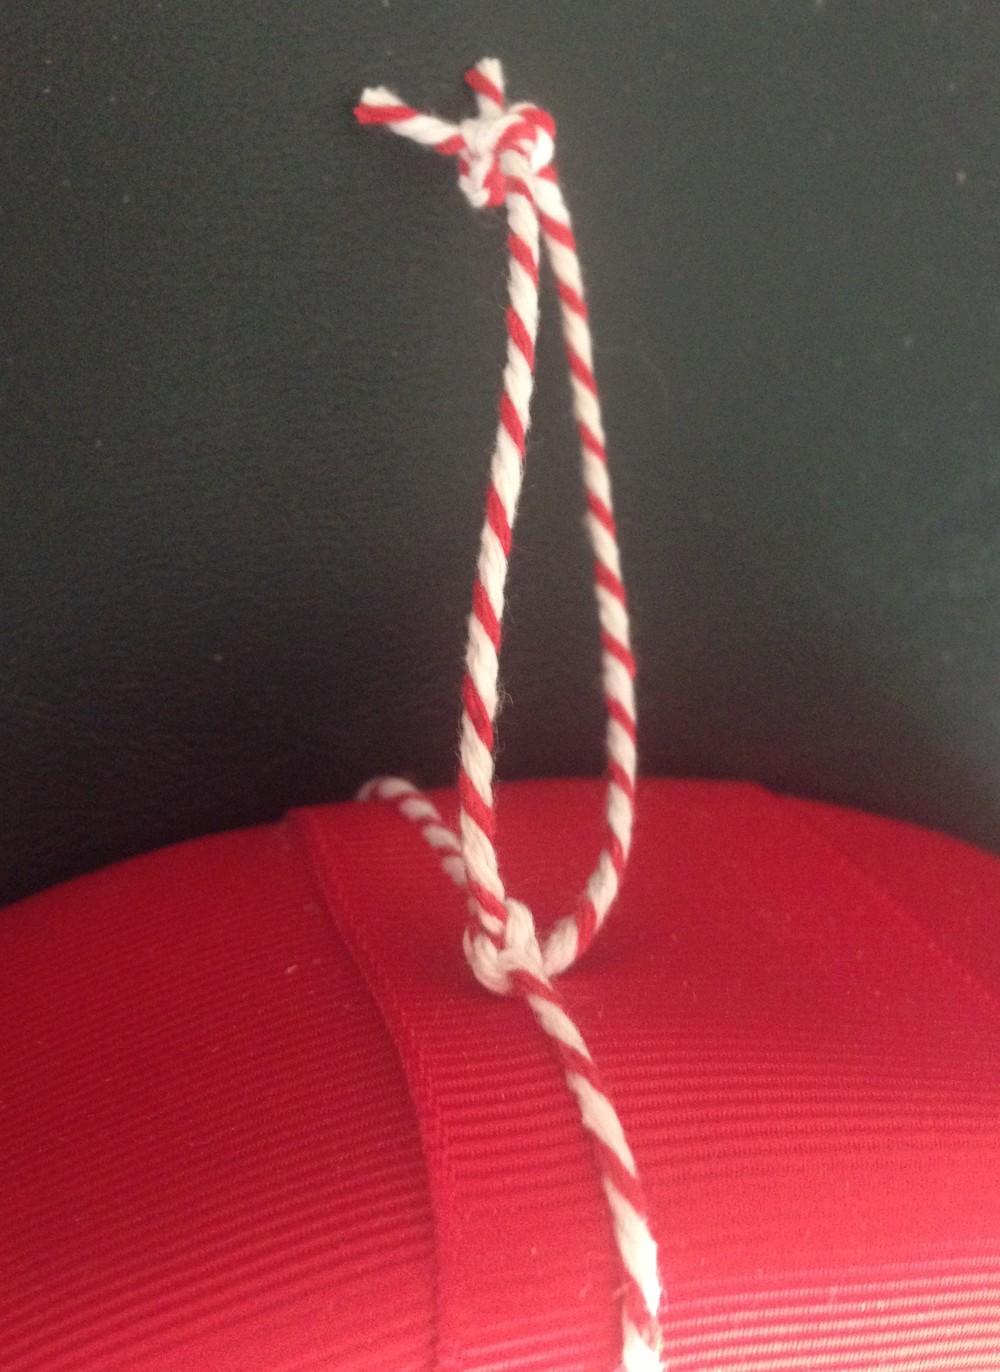 Tie To hang wreath